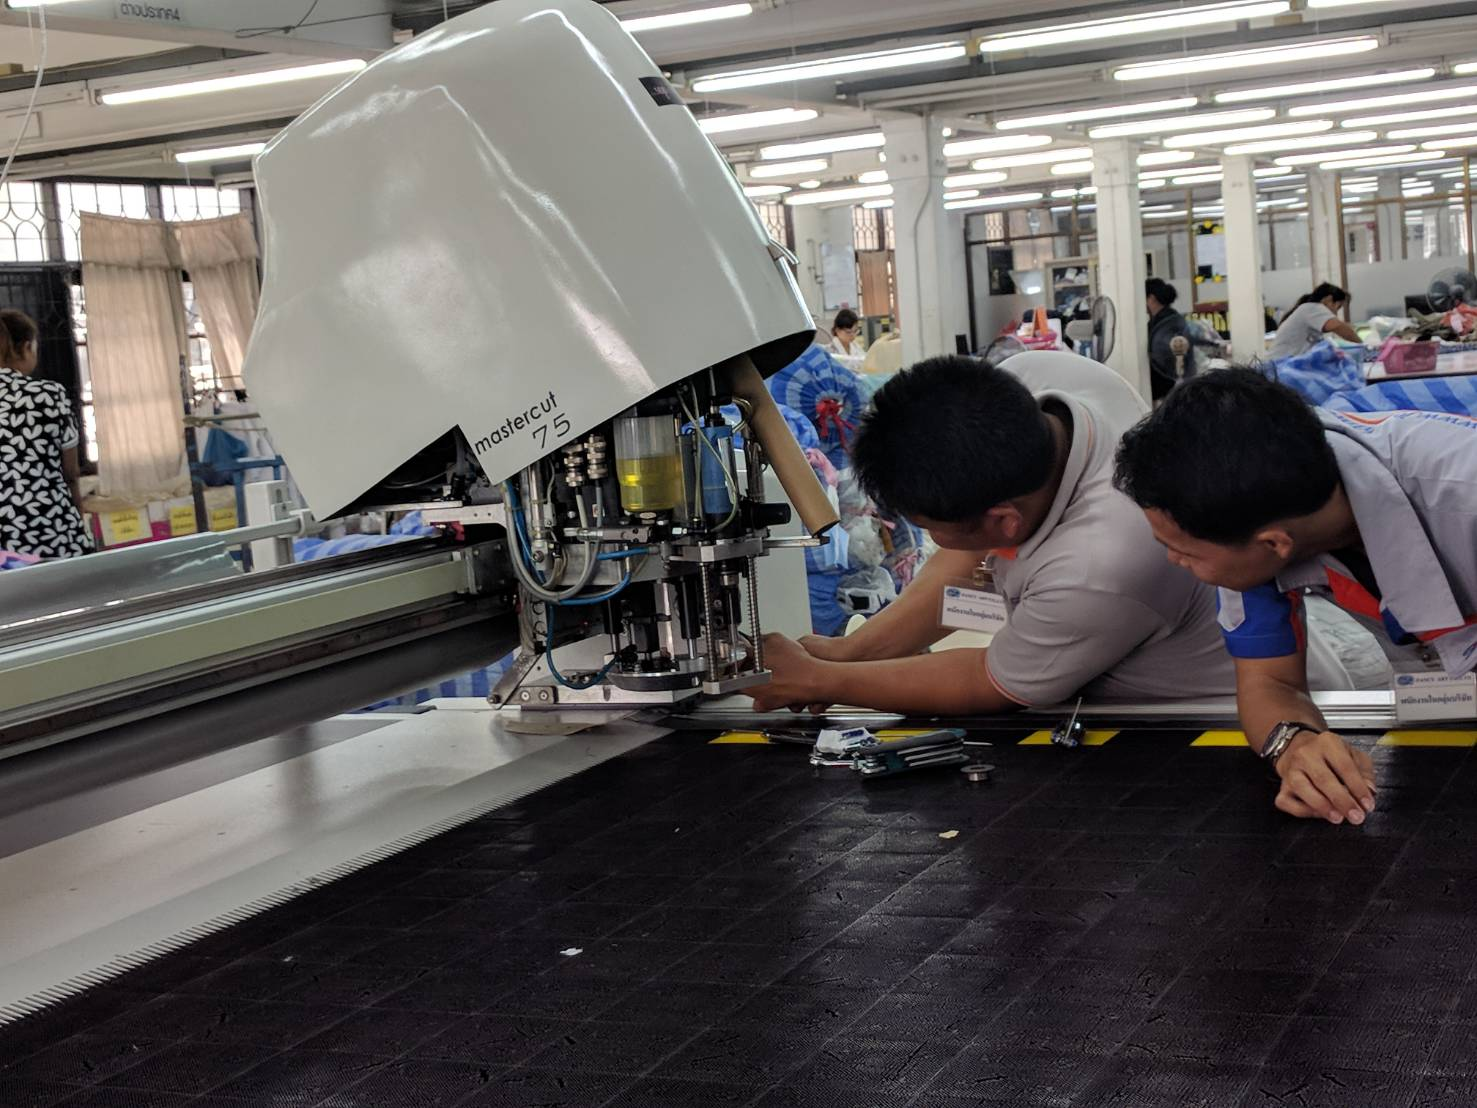 เก็บงานเครื่องตัดผ้าอัตโนมัติ ผู้กระกอบการกระเป๋าหนัง